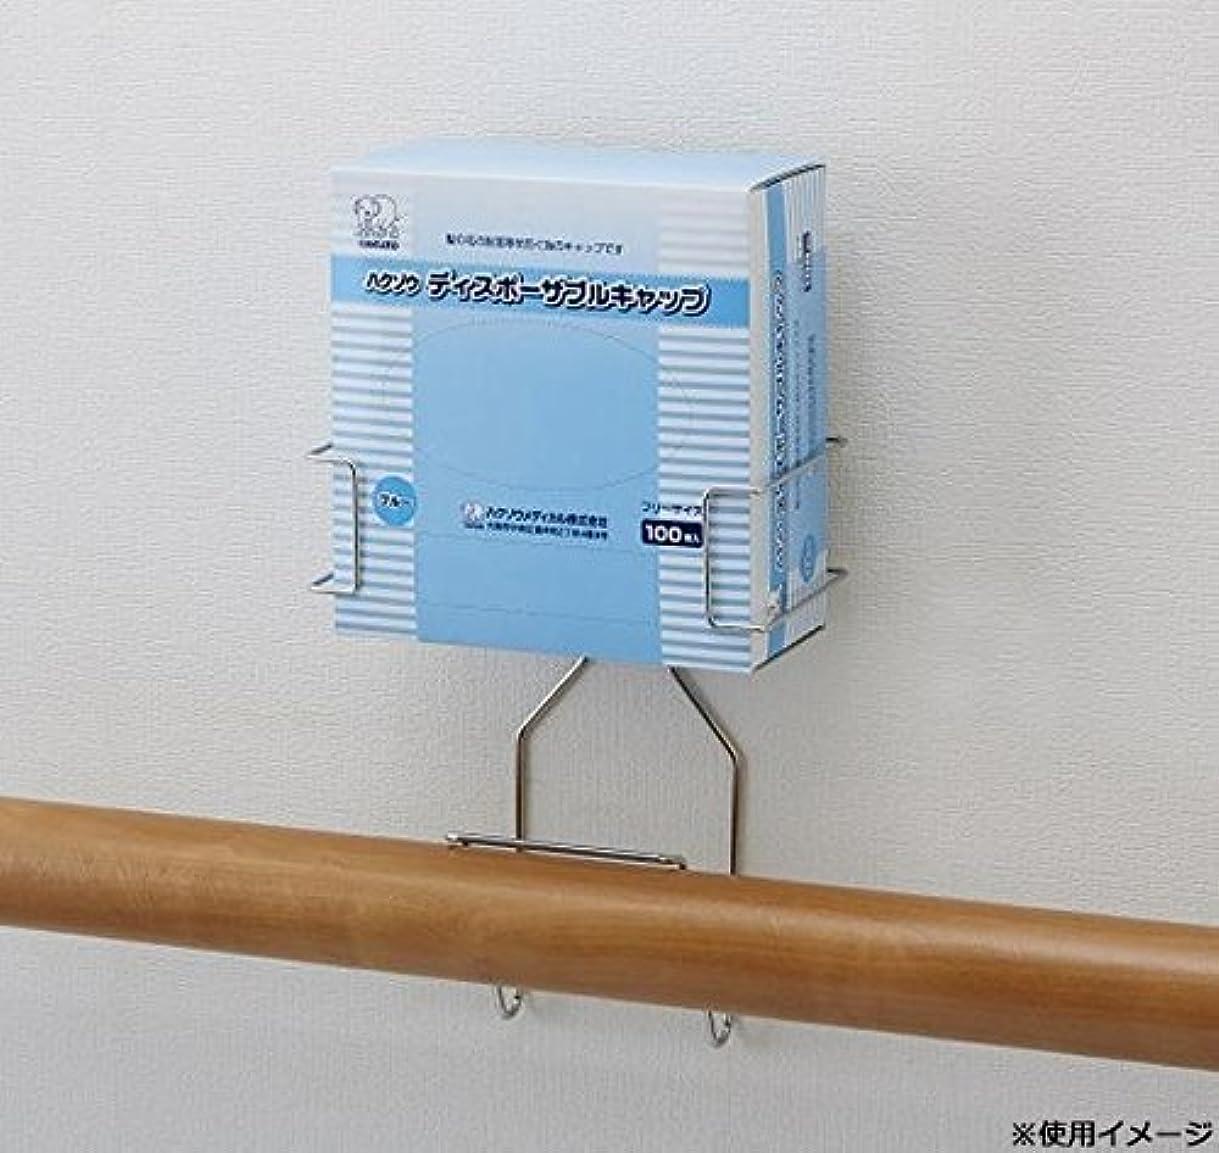 通信網パブ信仰ハクゾウメディカル PPE製品用ホルダーSE(手すり用タイプ) エプロン?グローブタイプ 3904992